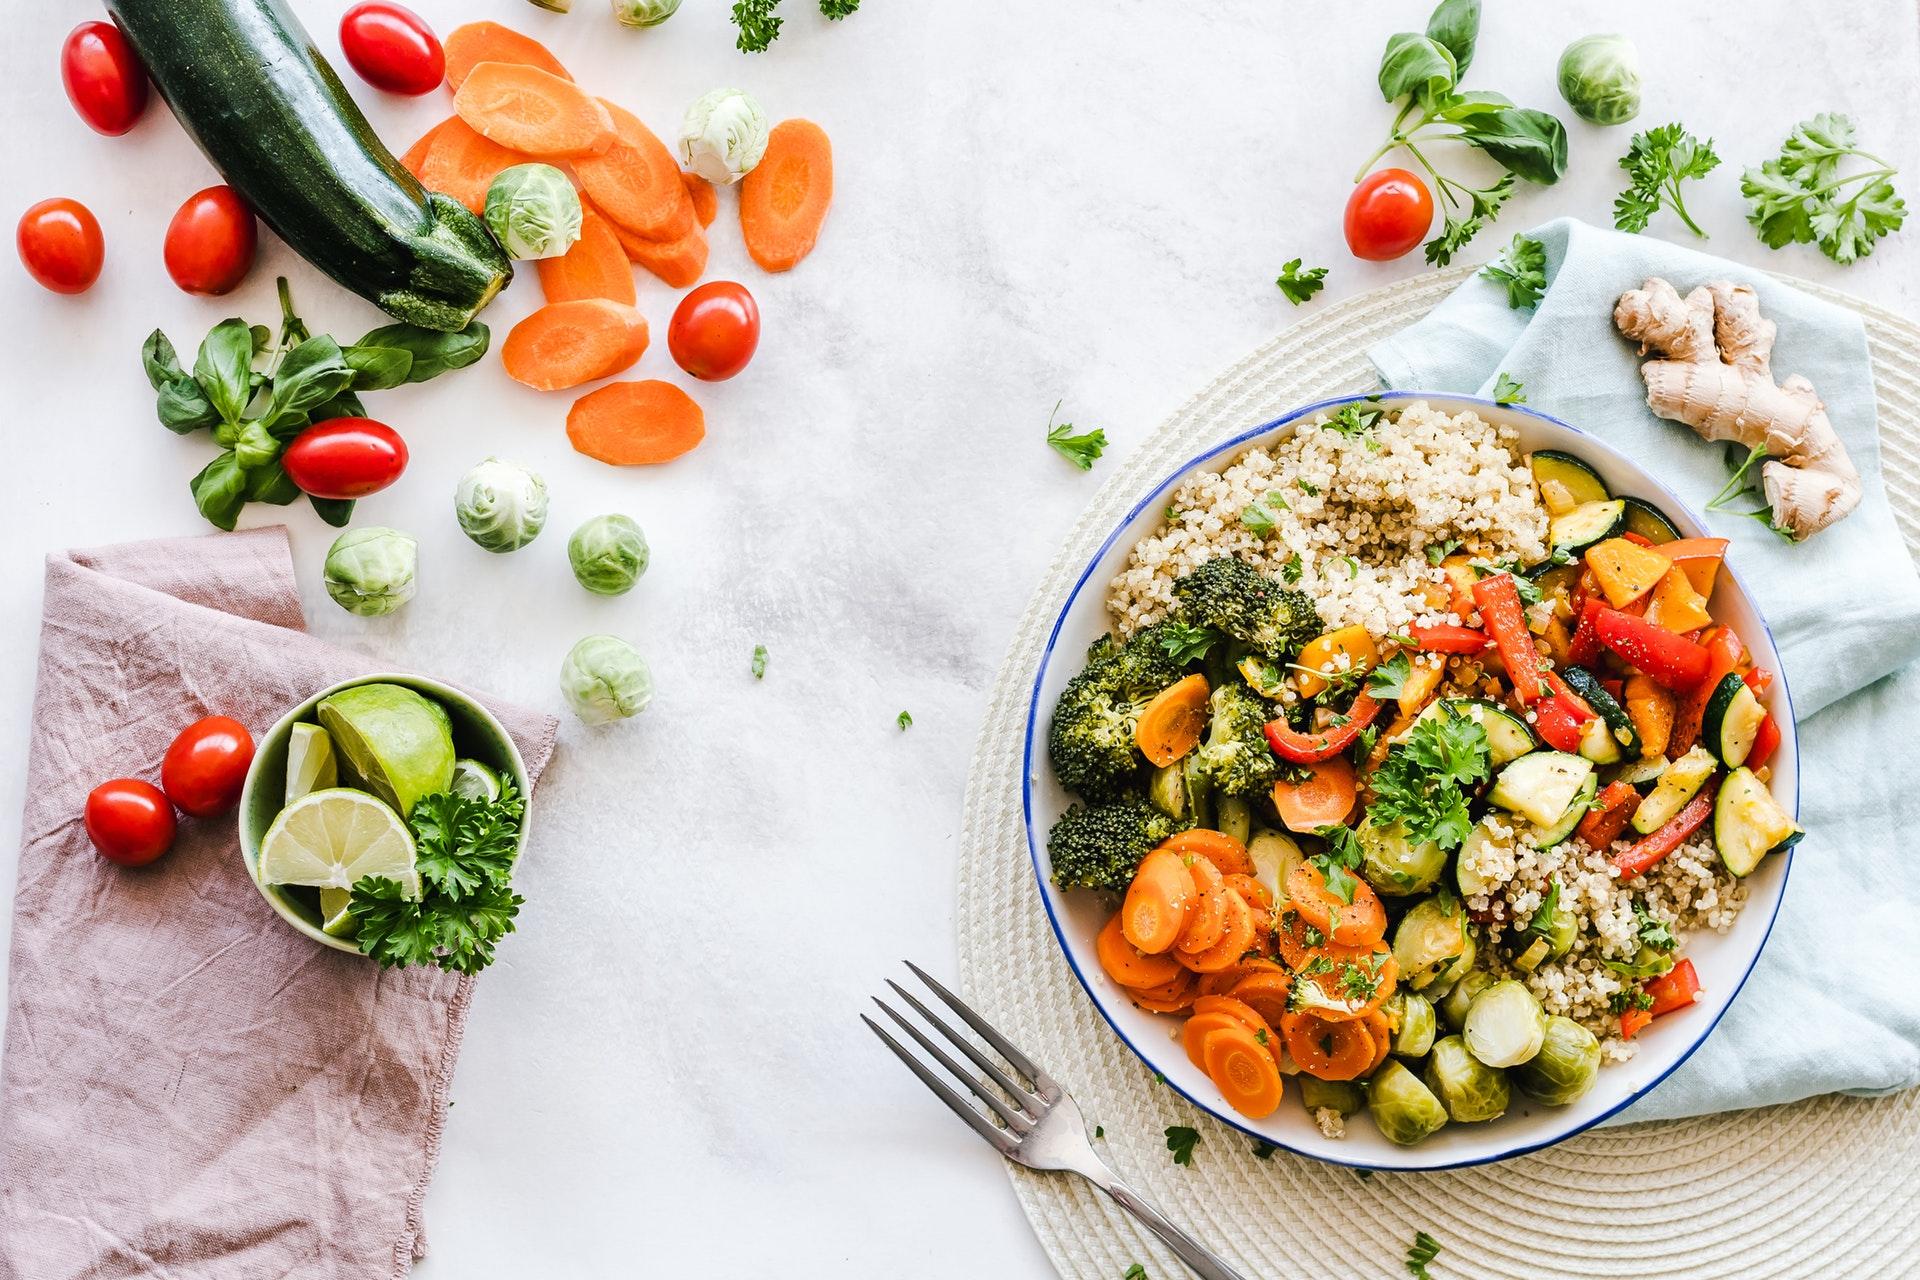 Mad, salat, sundt, sundhed, madspil, aftensmad, middag